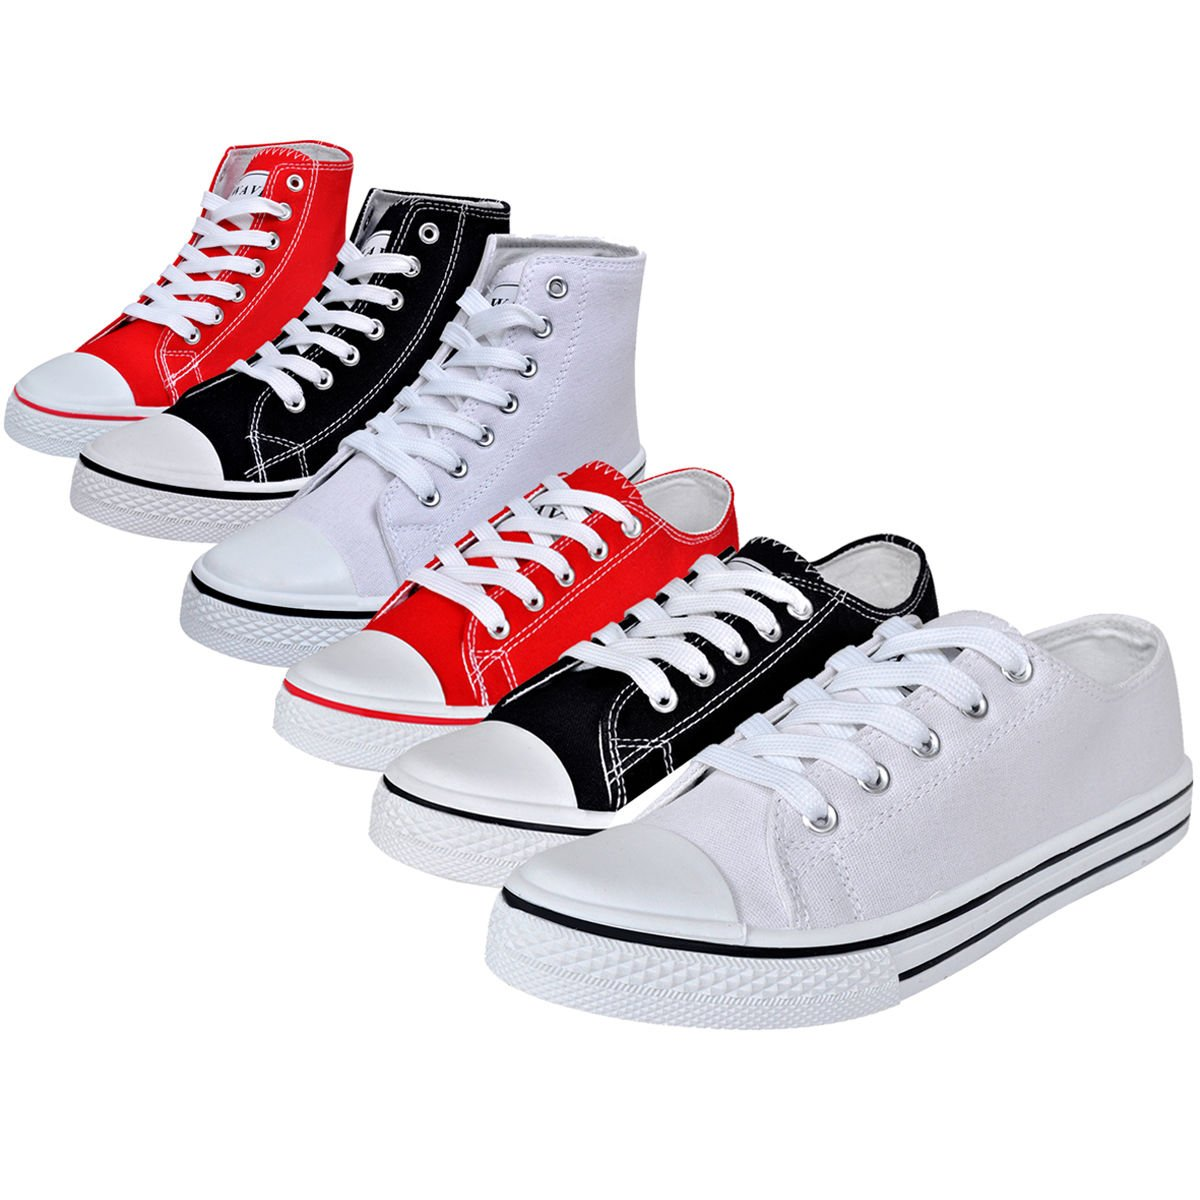 Damen High Top Sneaker Sportschuhe Turnschuhe Canvas Schnür Schuhe Gr. 36-41